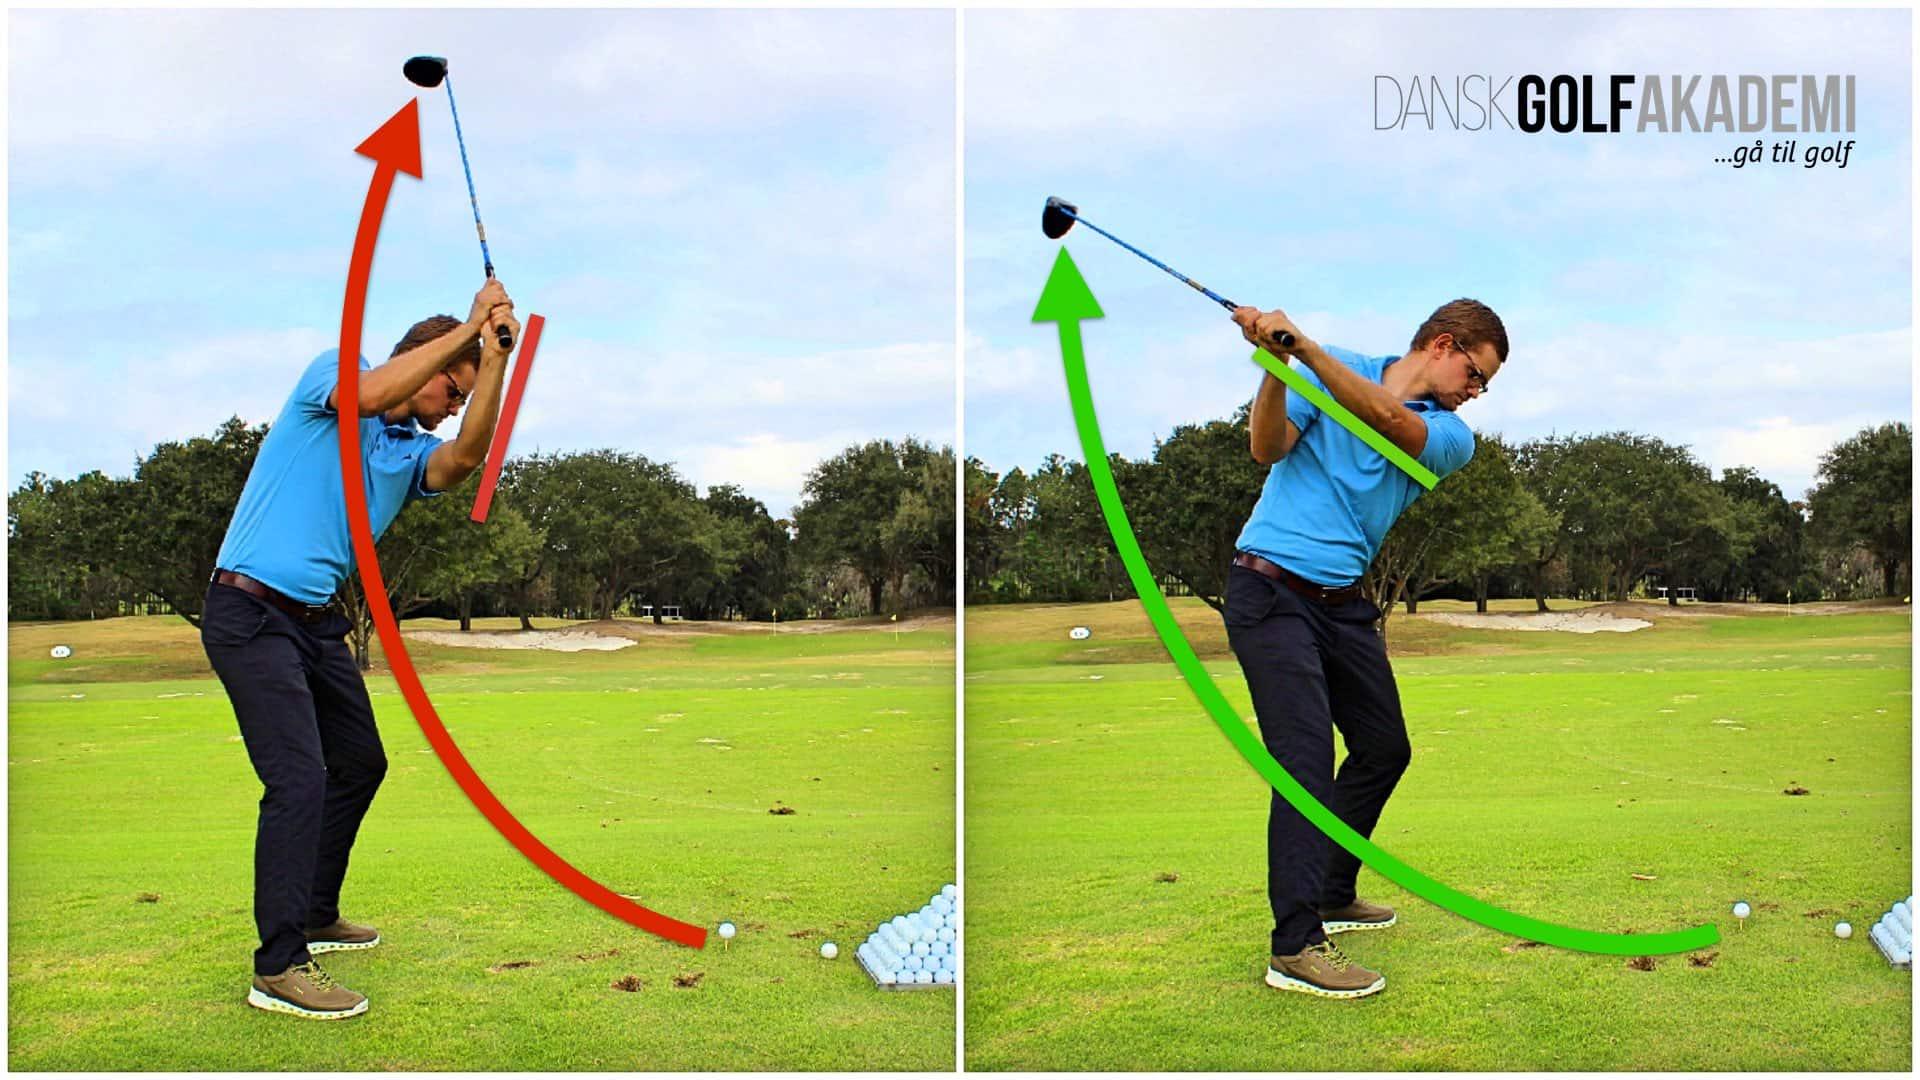 Slice i golf - Sving rundt om dig selv